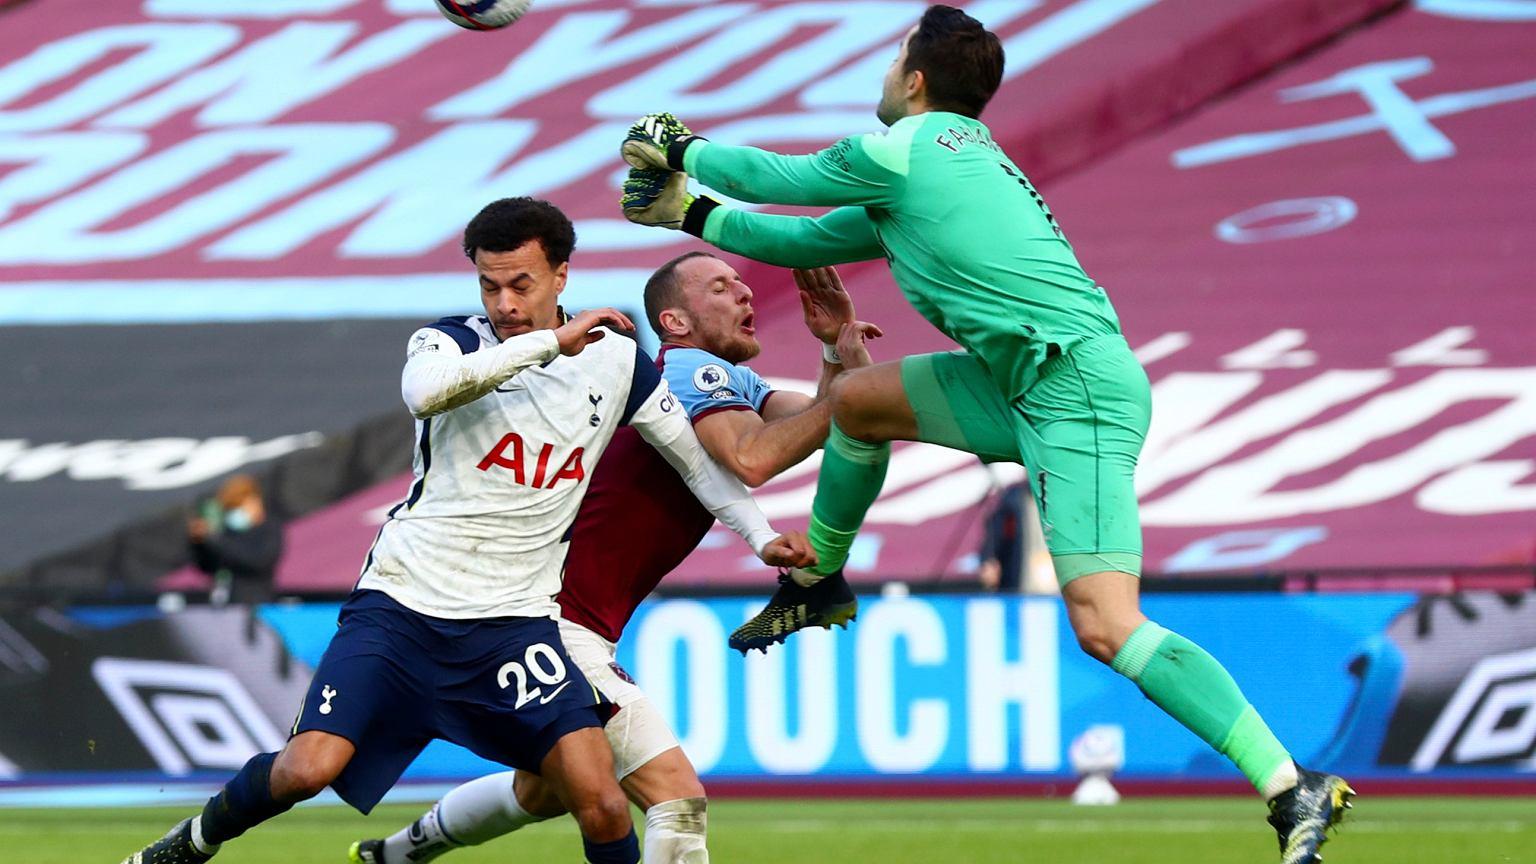 Drużyna Łukasza Fabiańskiego pokonała w niedzielę Tottenham 2:1